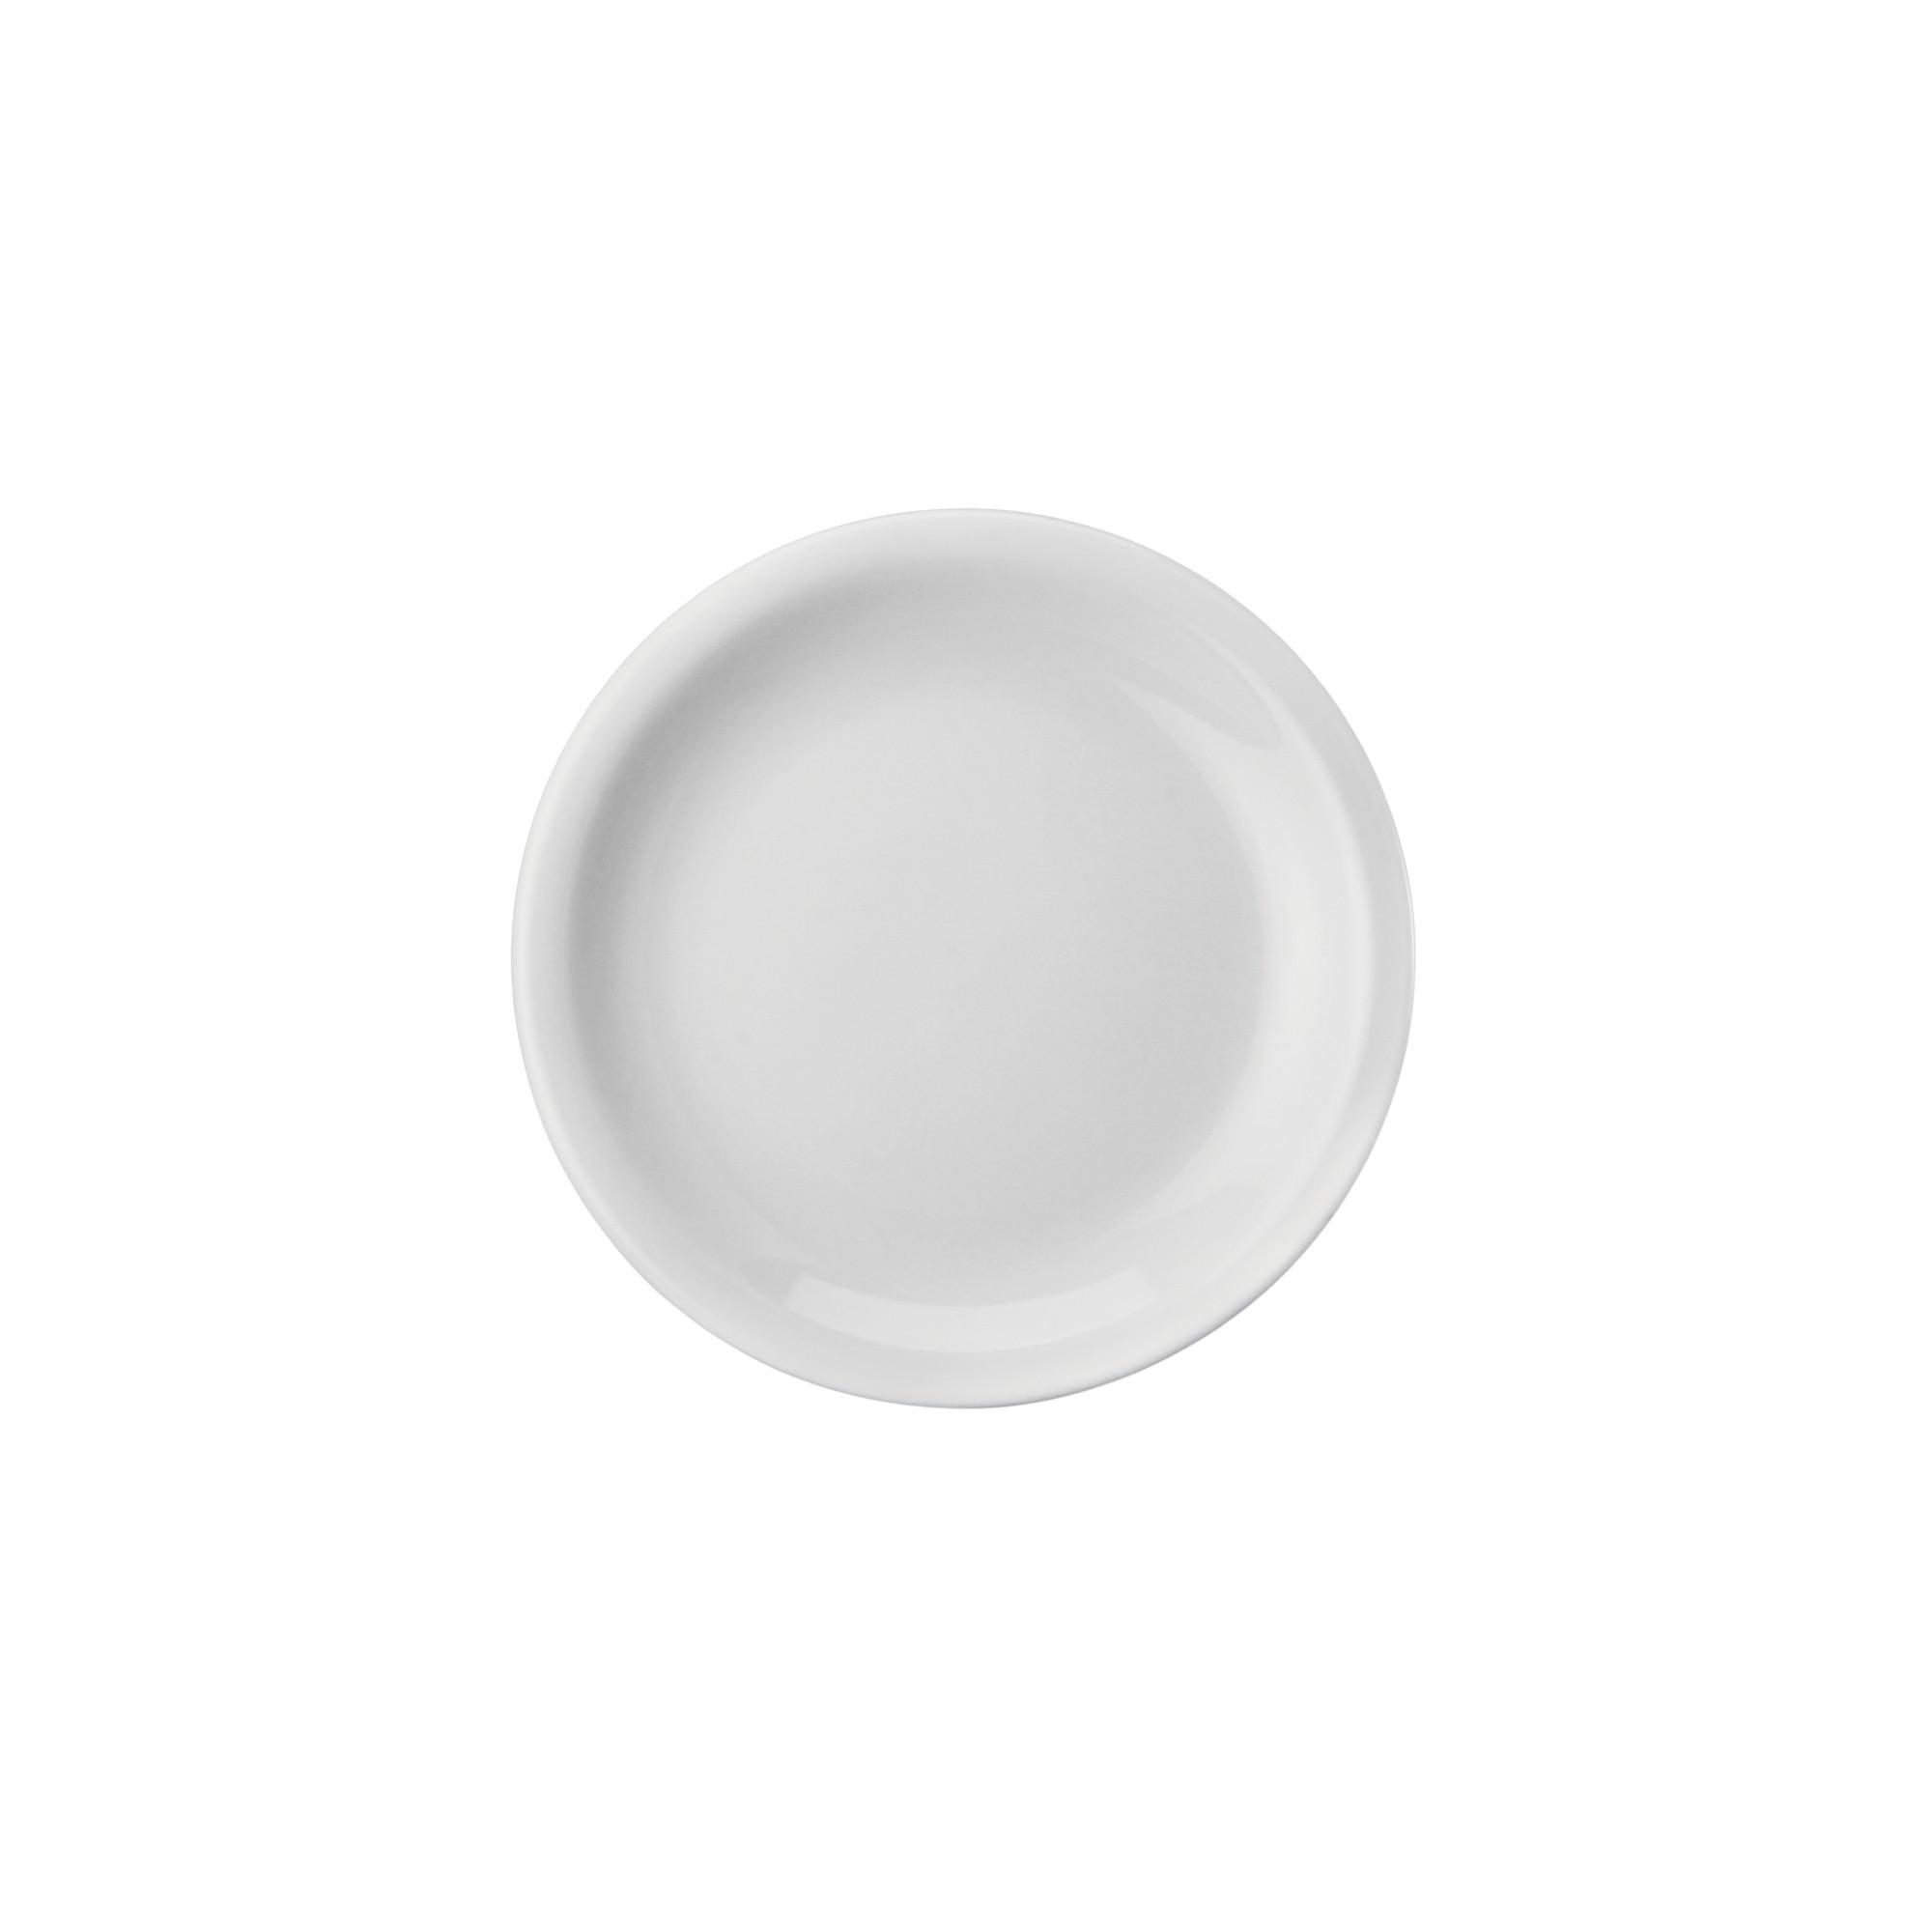 Prato para Sobremesa Redondo de Porcelana 19cm Branco - Schmidt